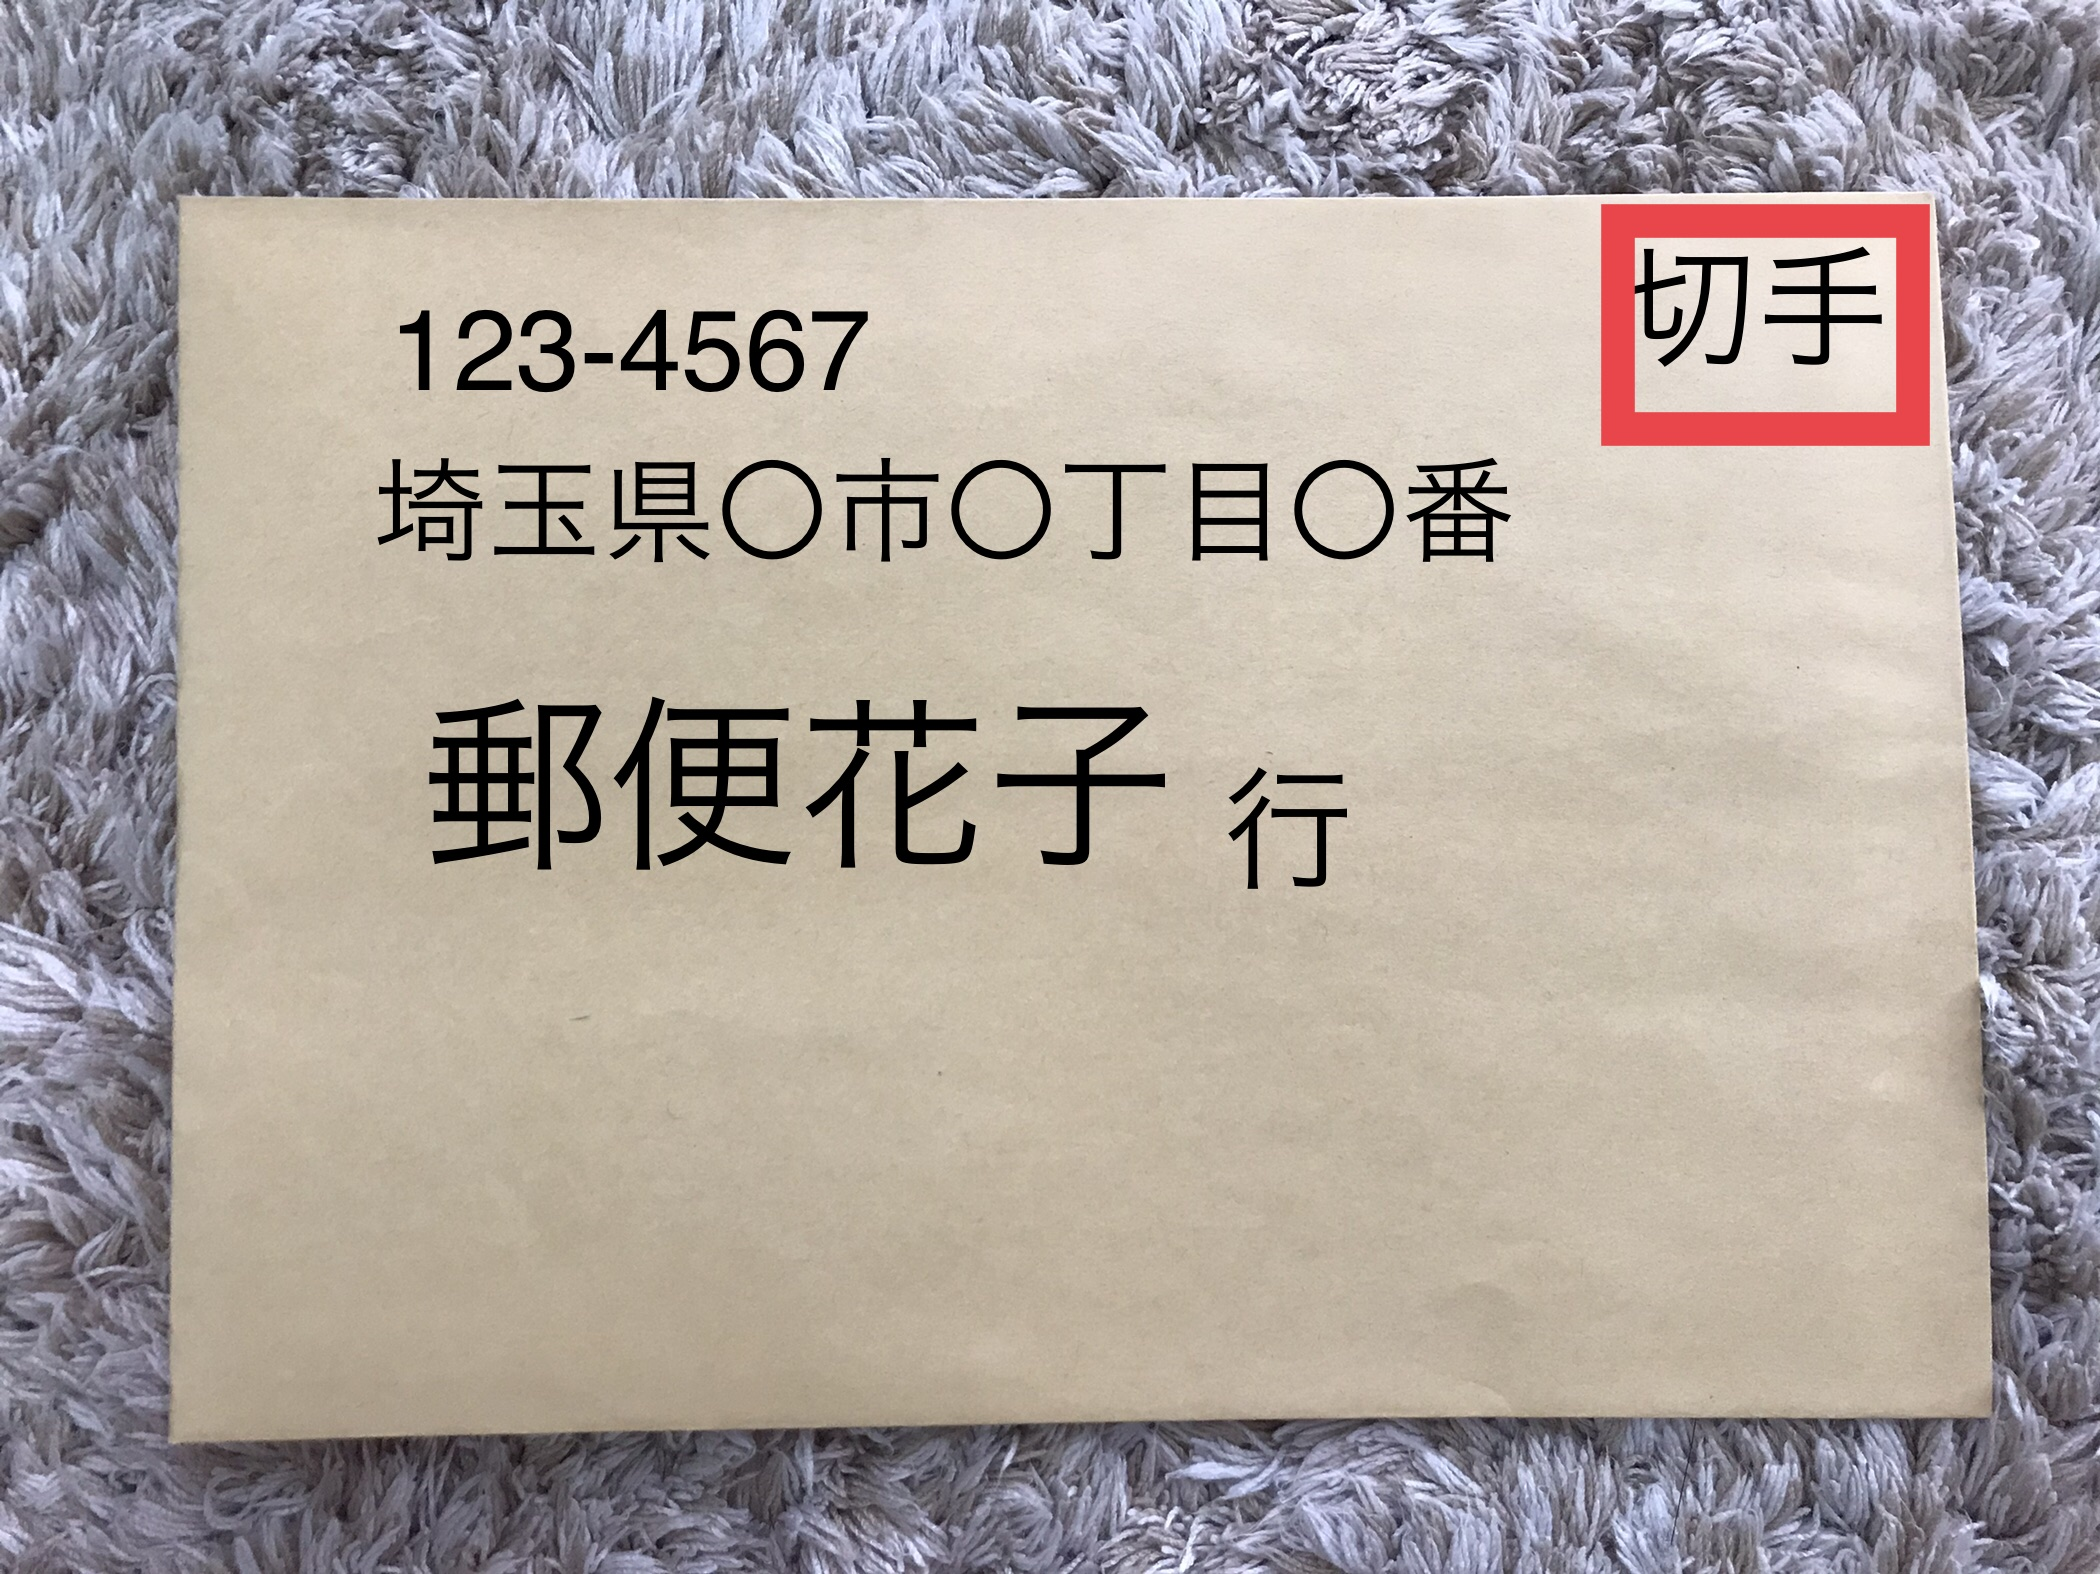 切手位置2